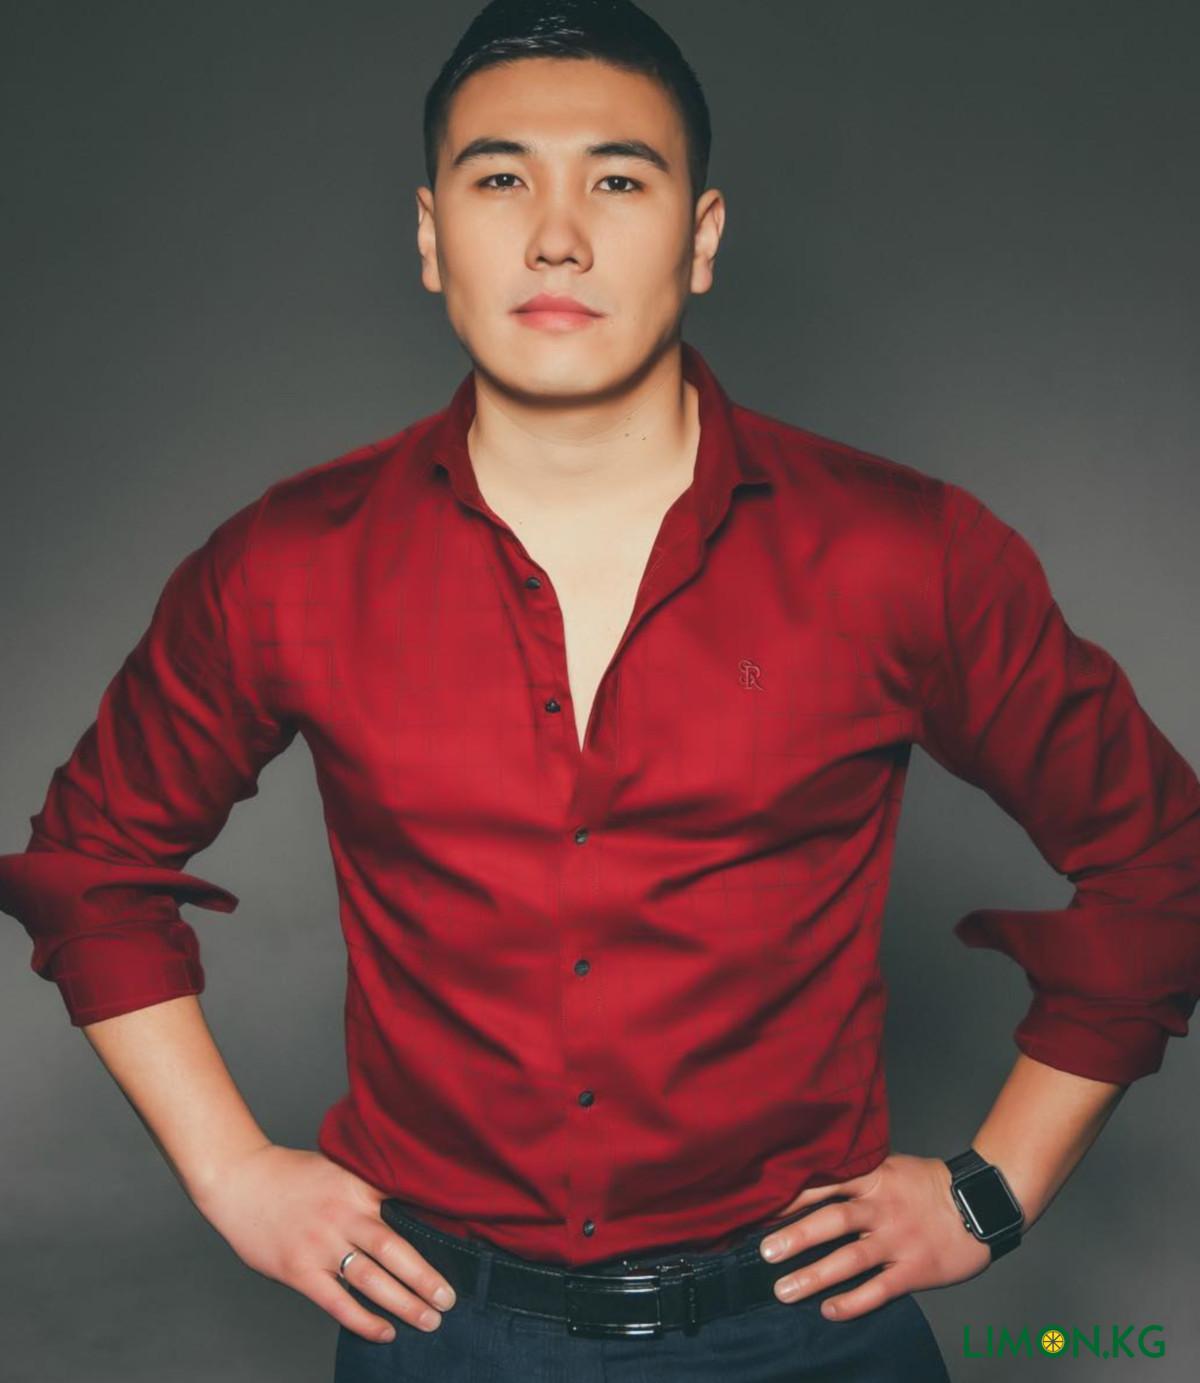 его помощью фотография кыргызстанский звезды турникеты триподы лучшей